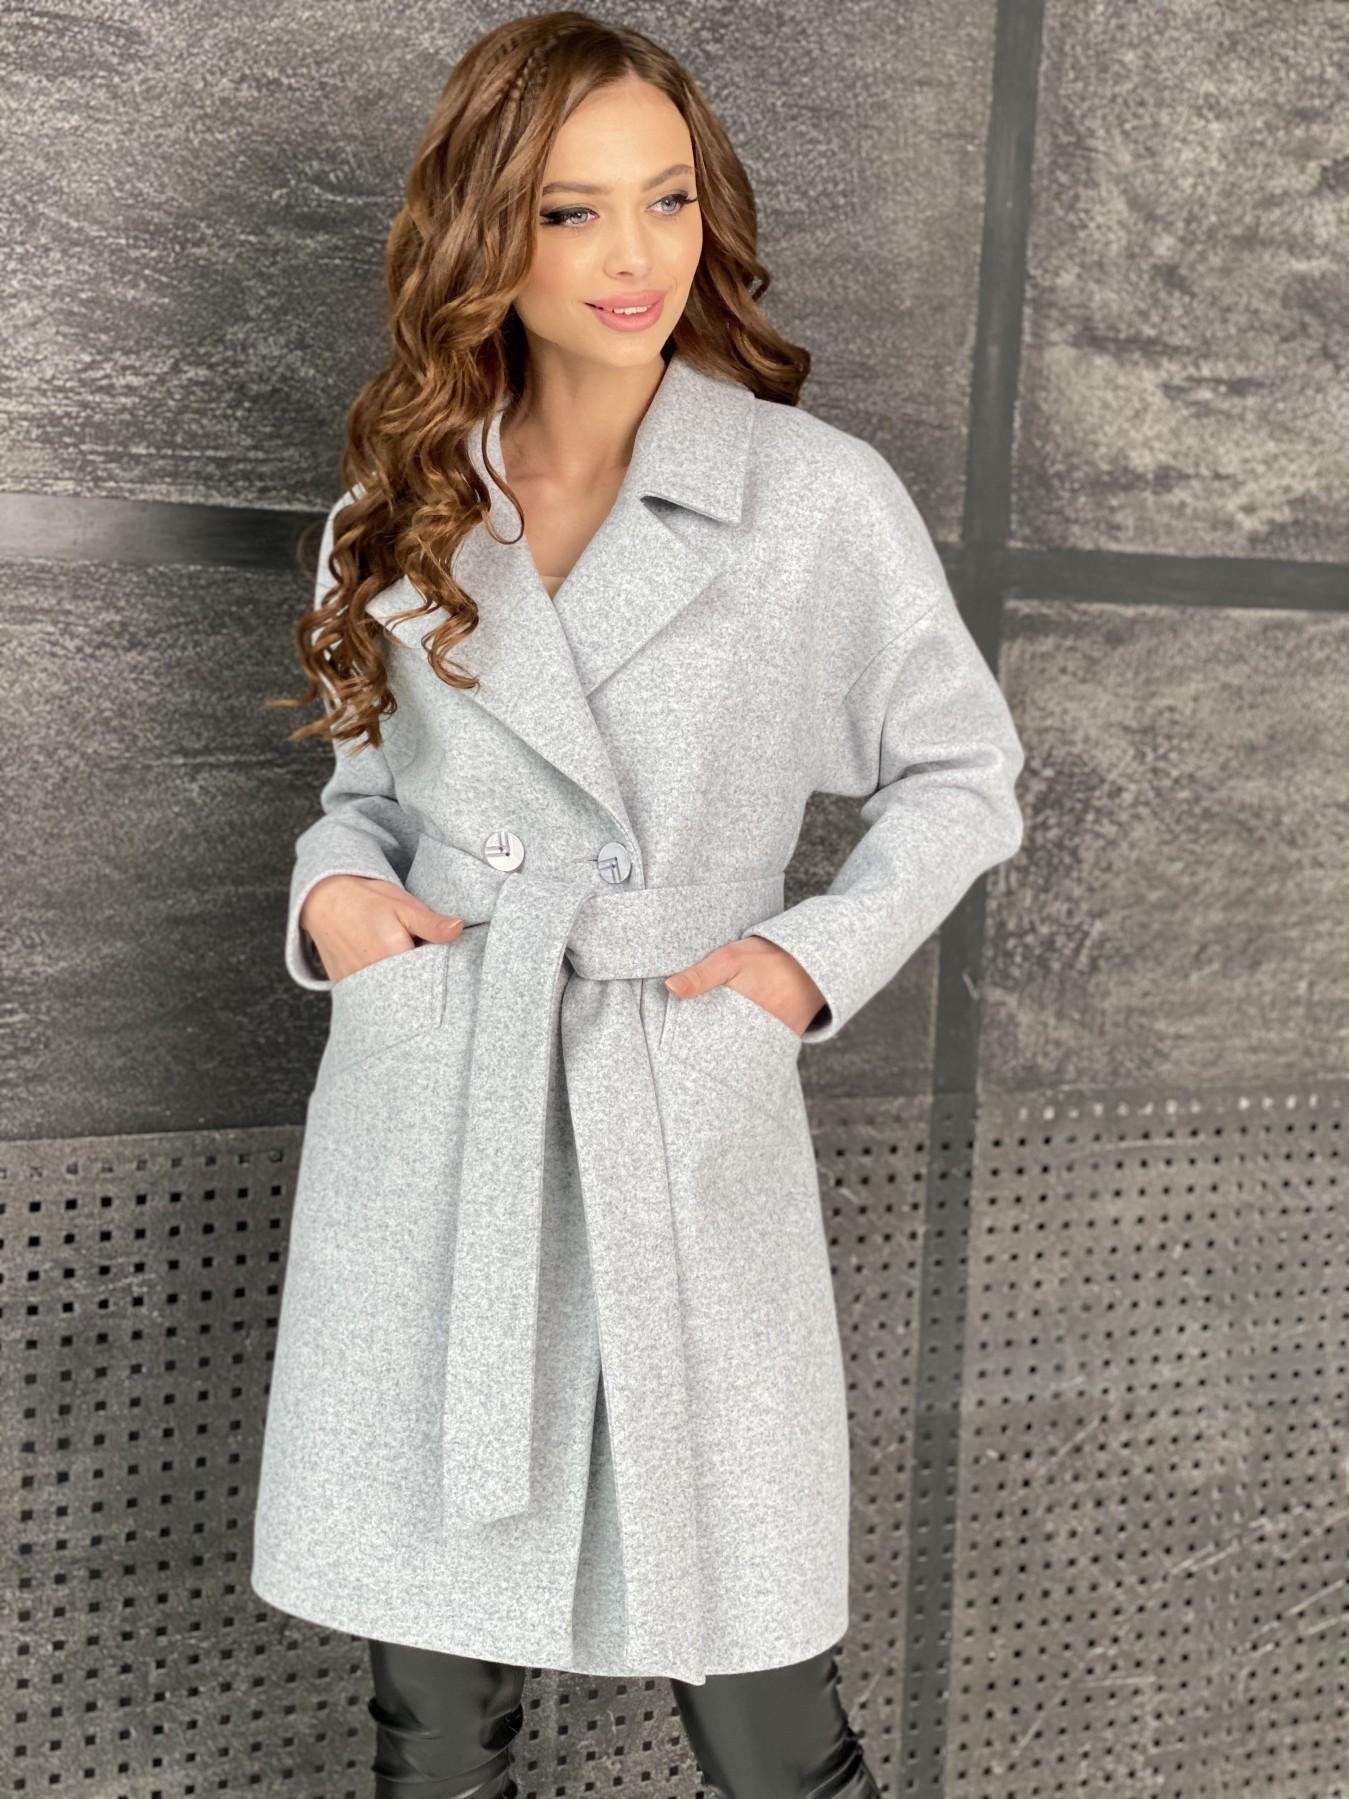 Сенсей пальто из кашемира меланж  10745 АРТ. 47223 Цвет: Серый Светлый 33 - фото 6, интернет магазин tm-modus.ru